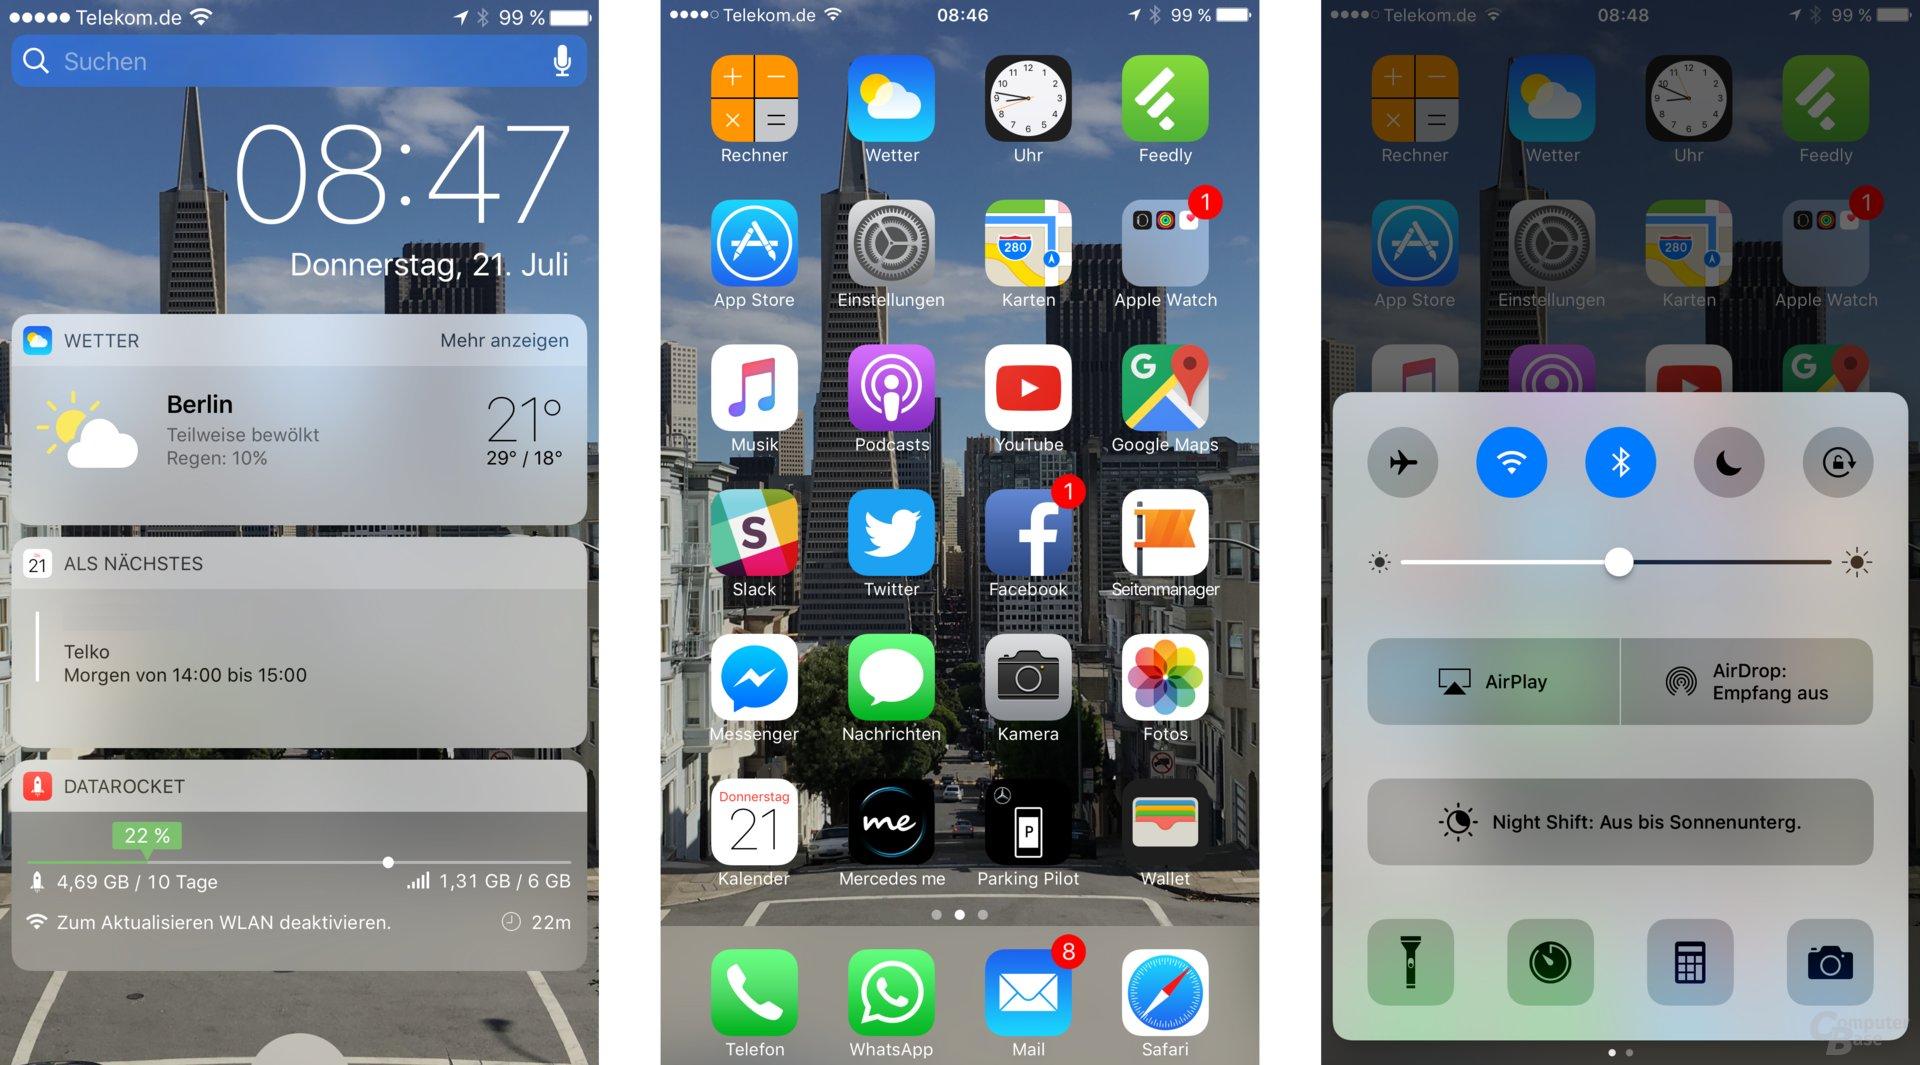 Das neue Design von iOS 10